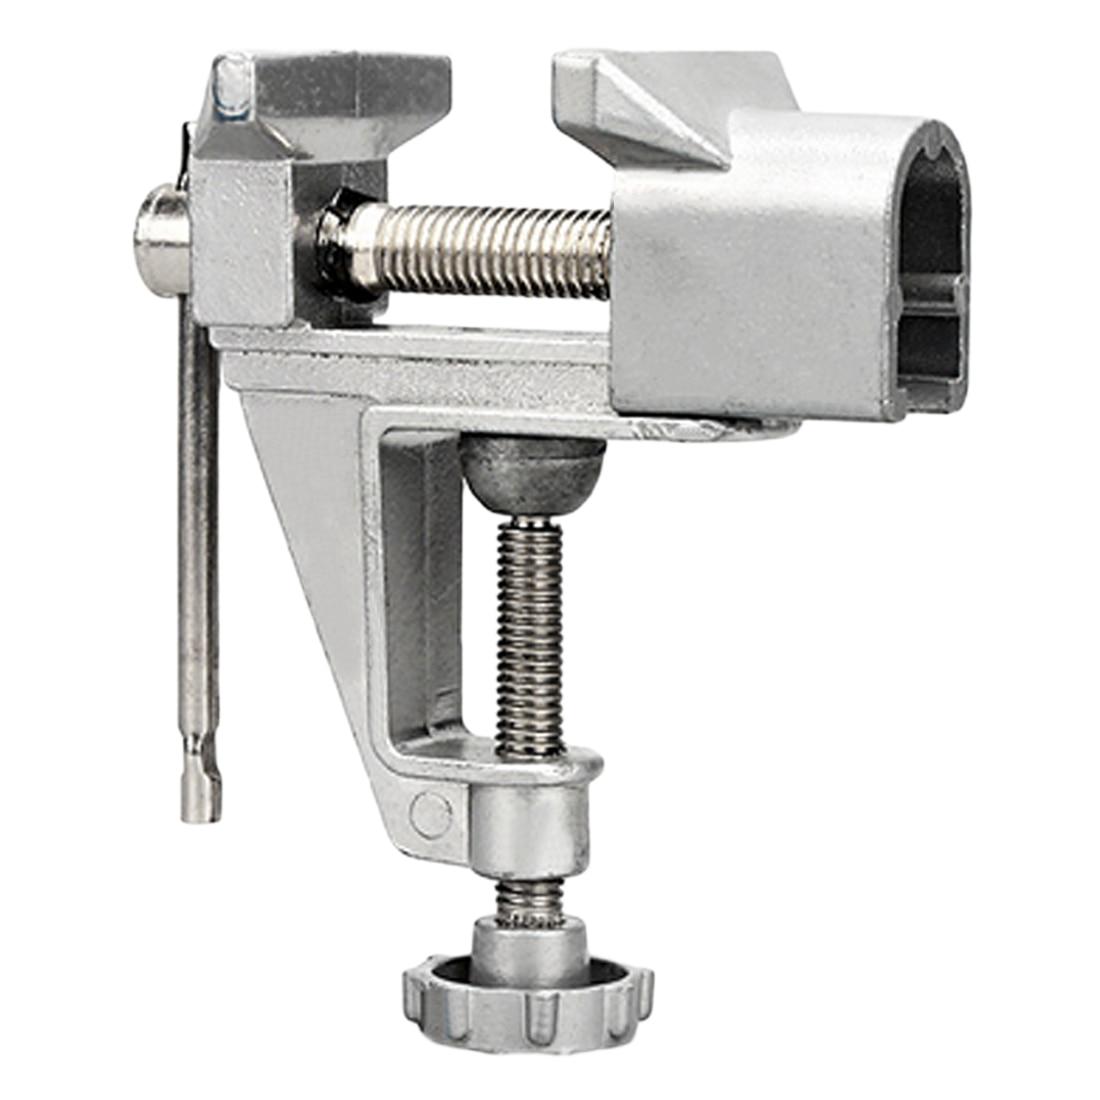 Tornillo de banco Universal de aleación de aluminio de 30mm, tornillo de mesa, tornillo de banco de sargento de banco, tornillo de banco para DIY, herramienta de reparación fija de moldes artesanales